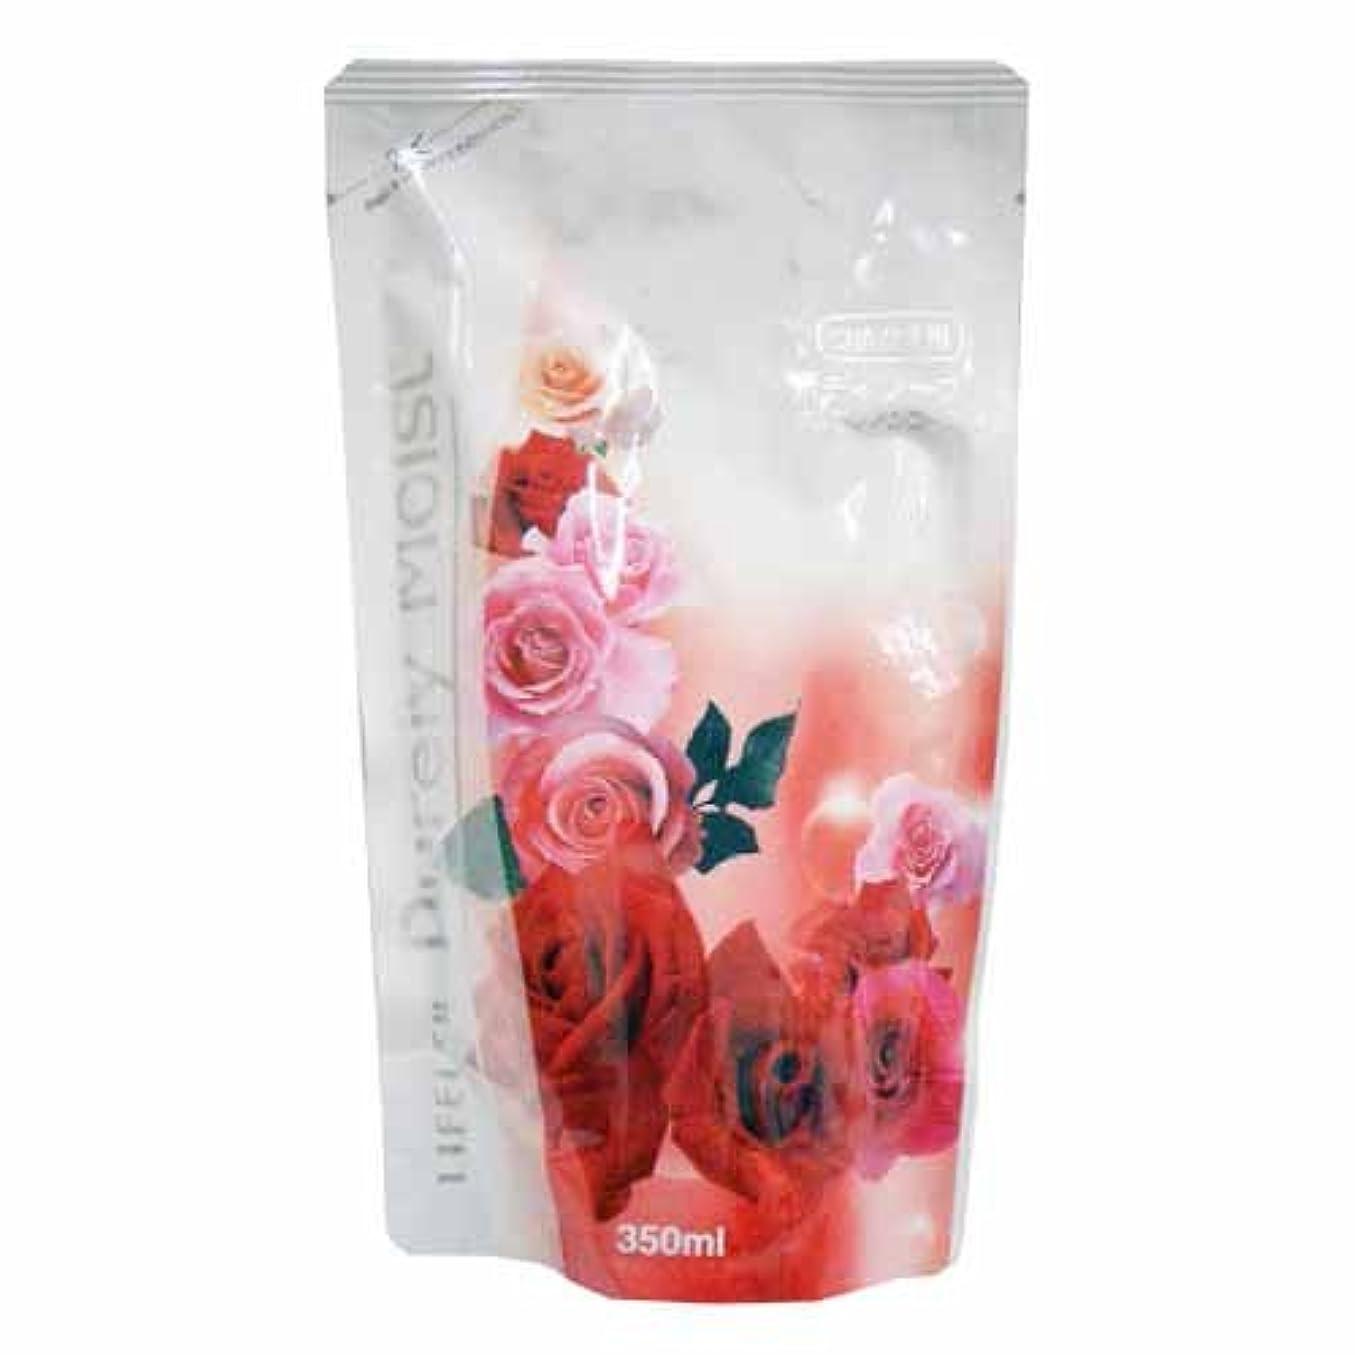 コーナンオリジナル Purely Moist ボディソープ ブルガリアンローズの香り つめかえ用 350ml